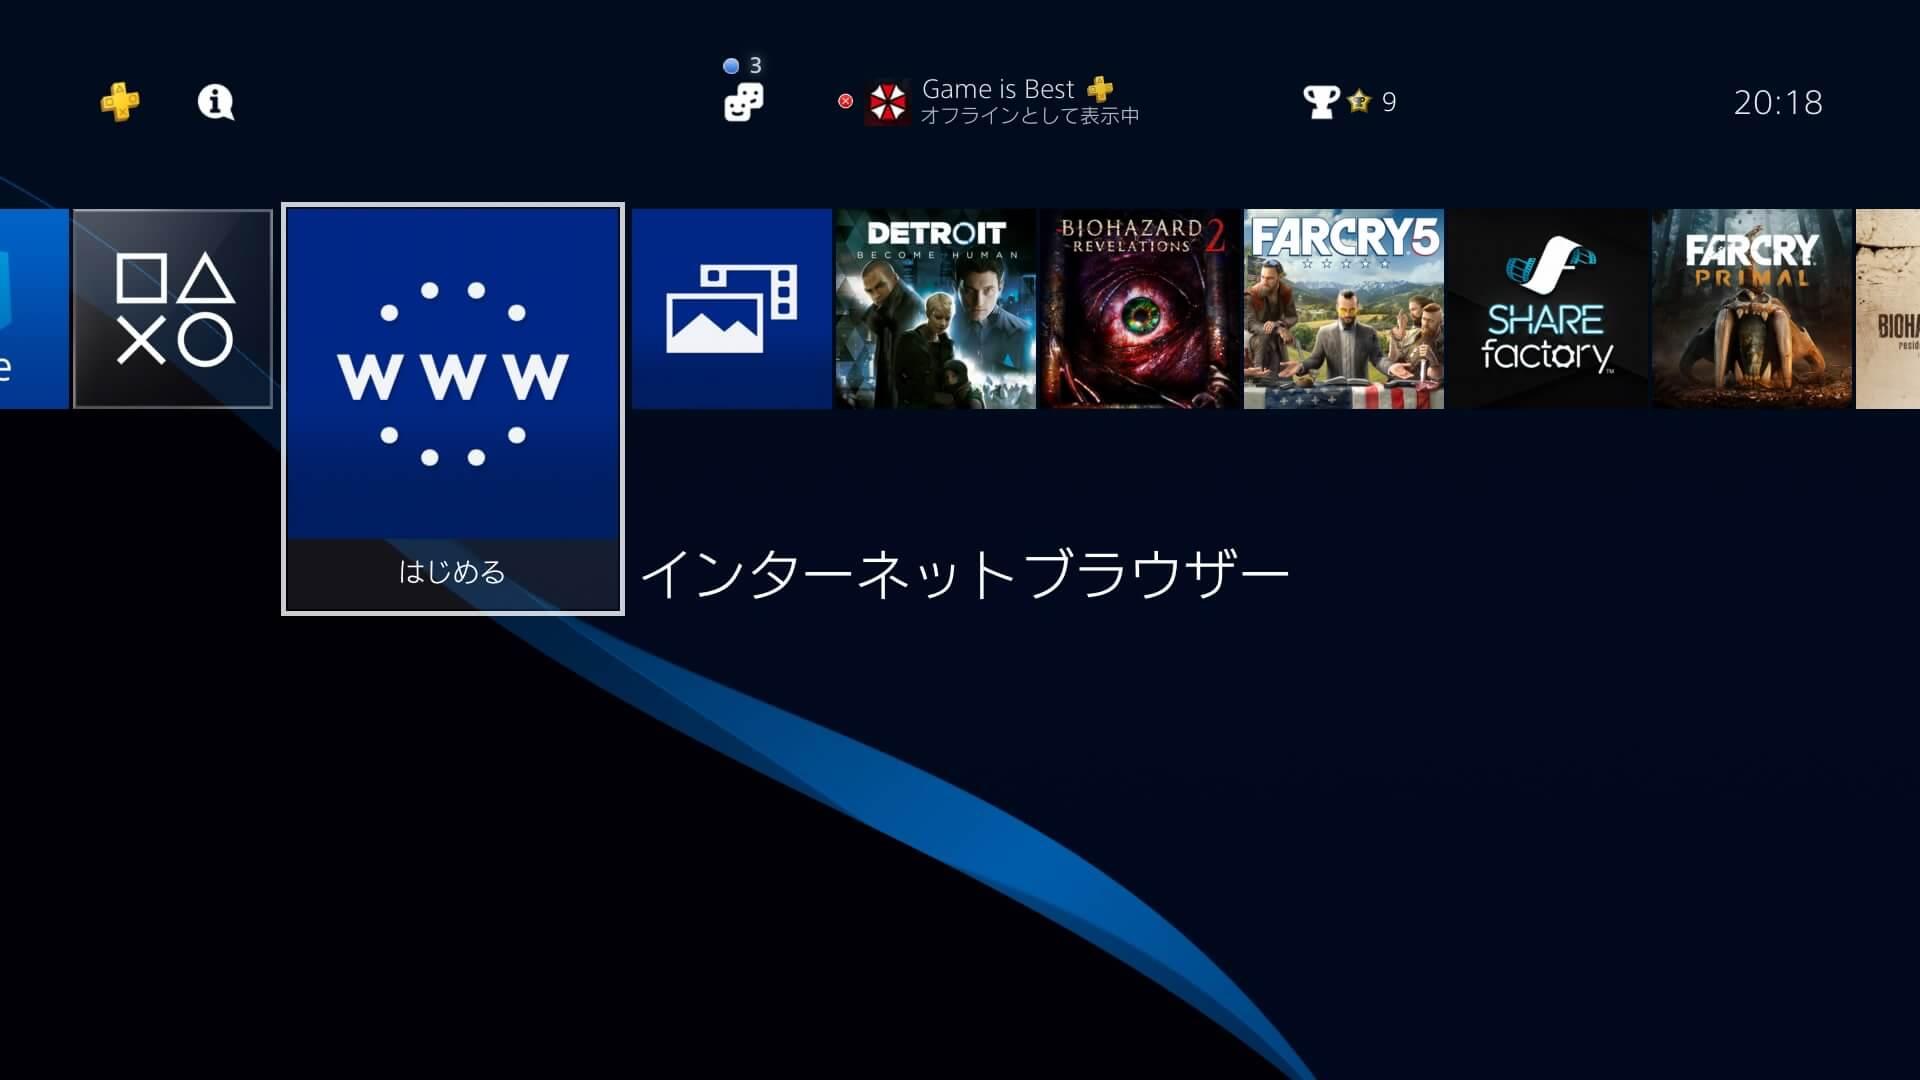 PS4の壁紙を変更